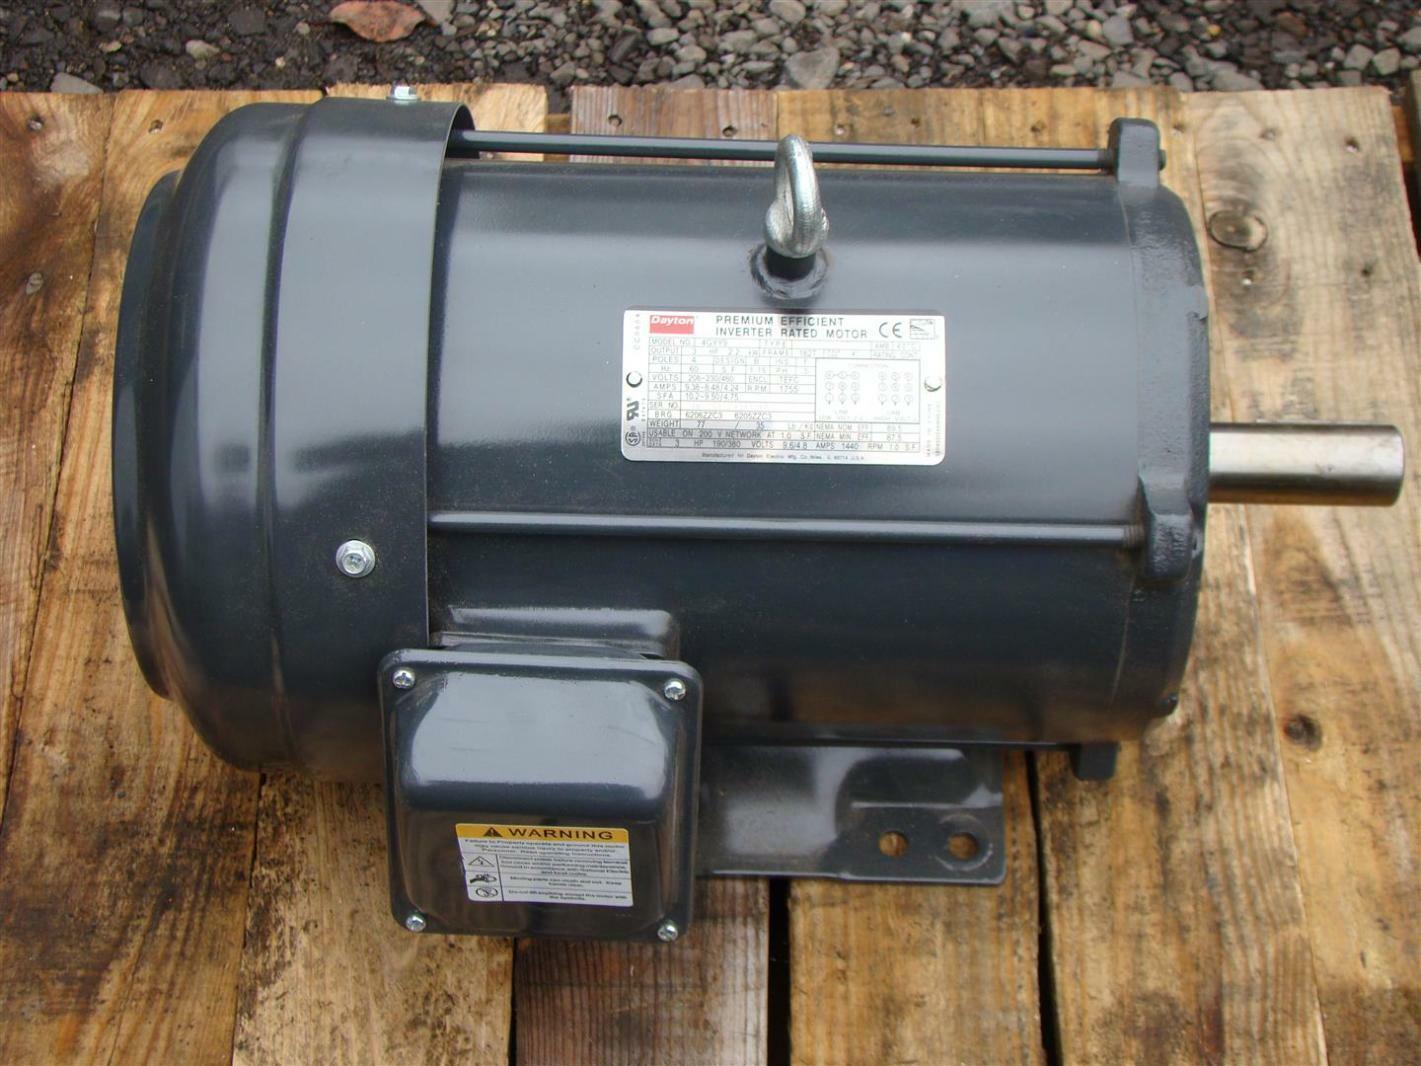 Dayton 3HP Inverter Duty Motor 208-230/460V 1755RPM 4GYY